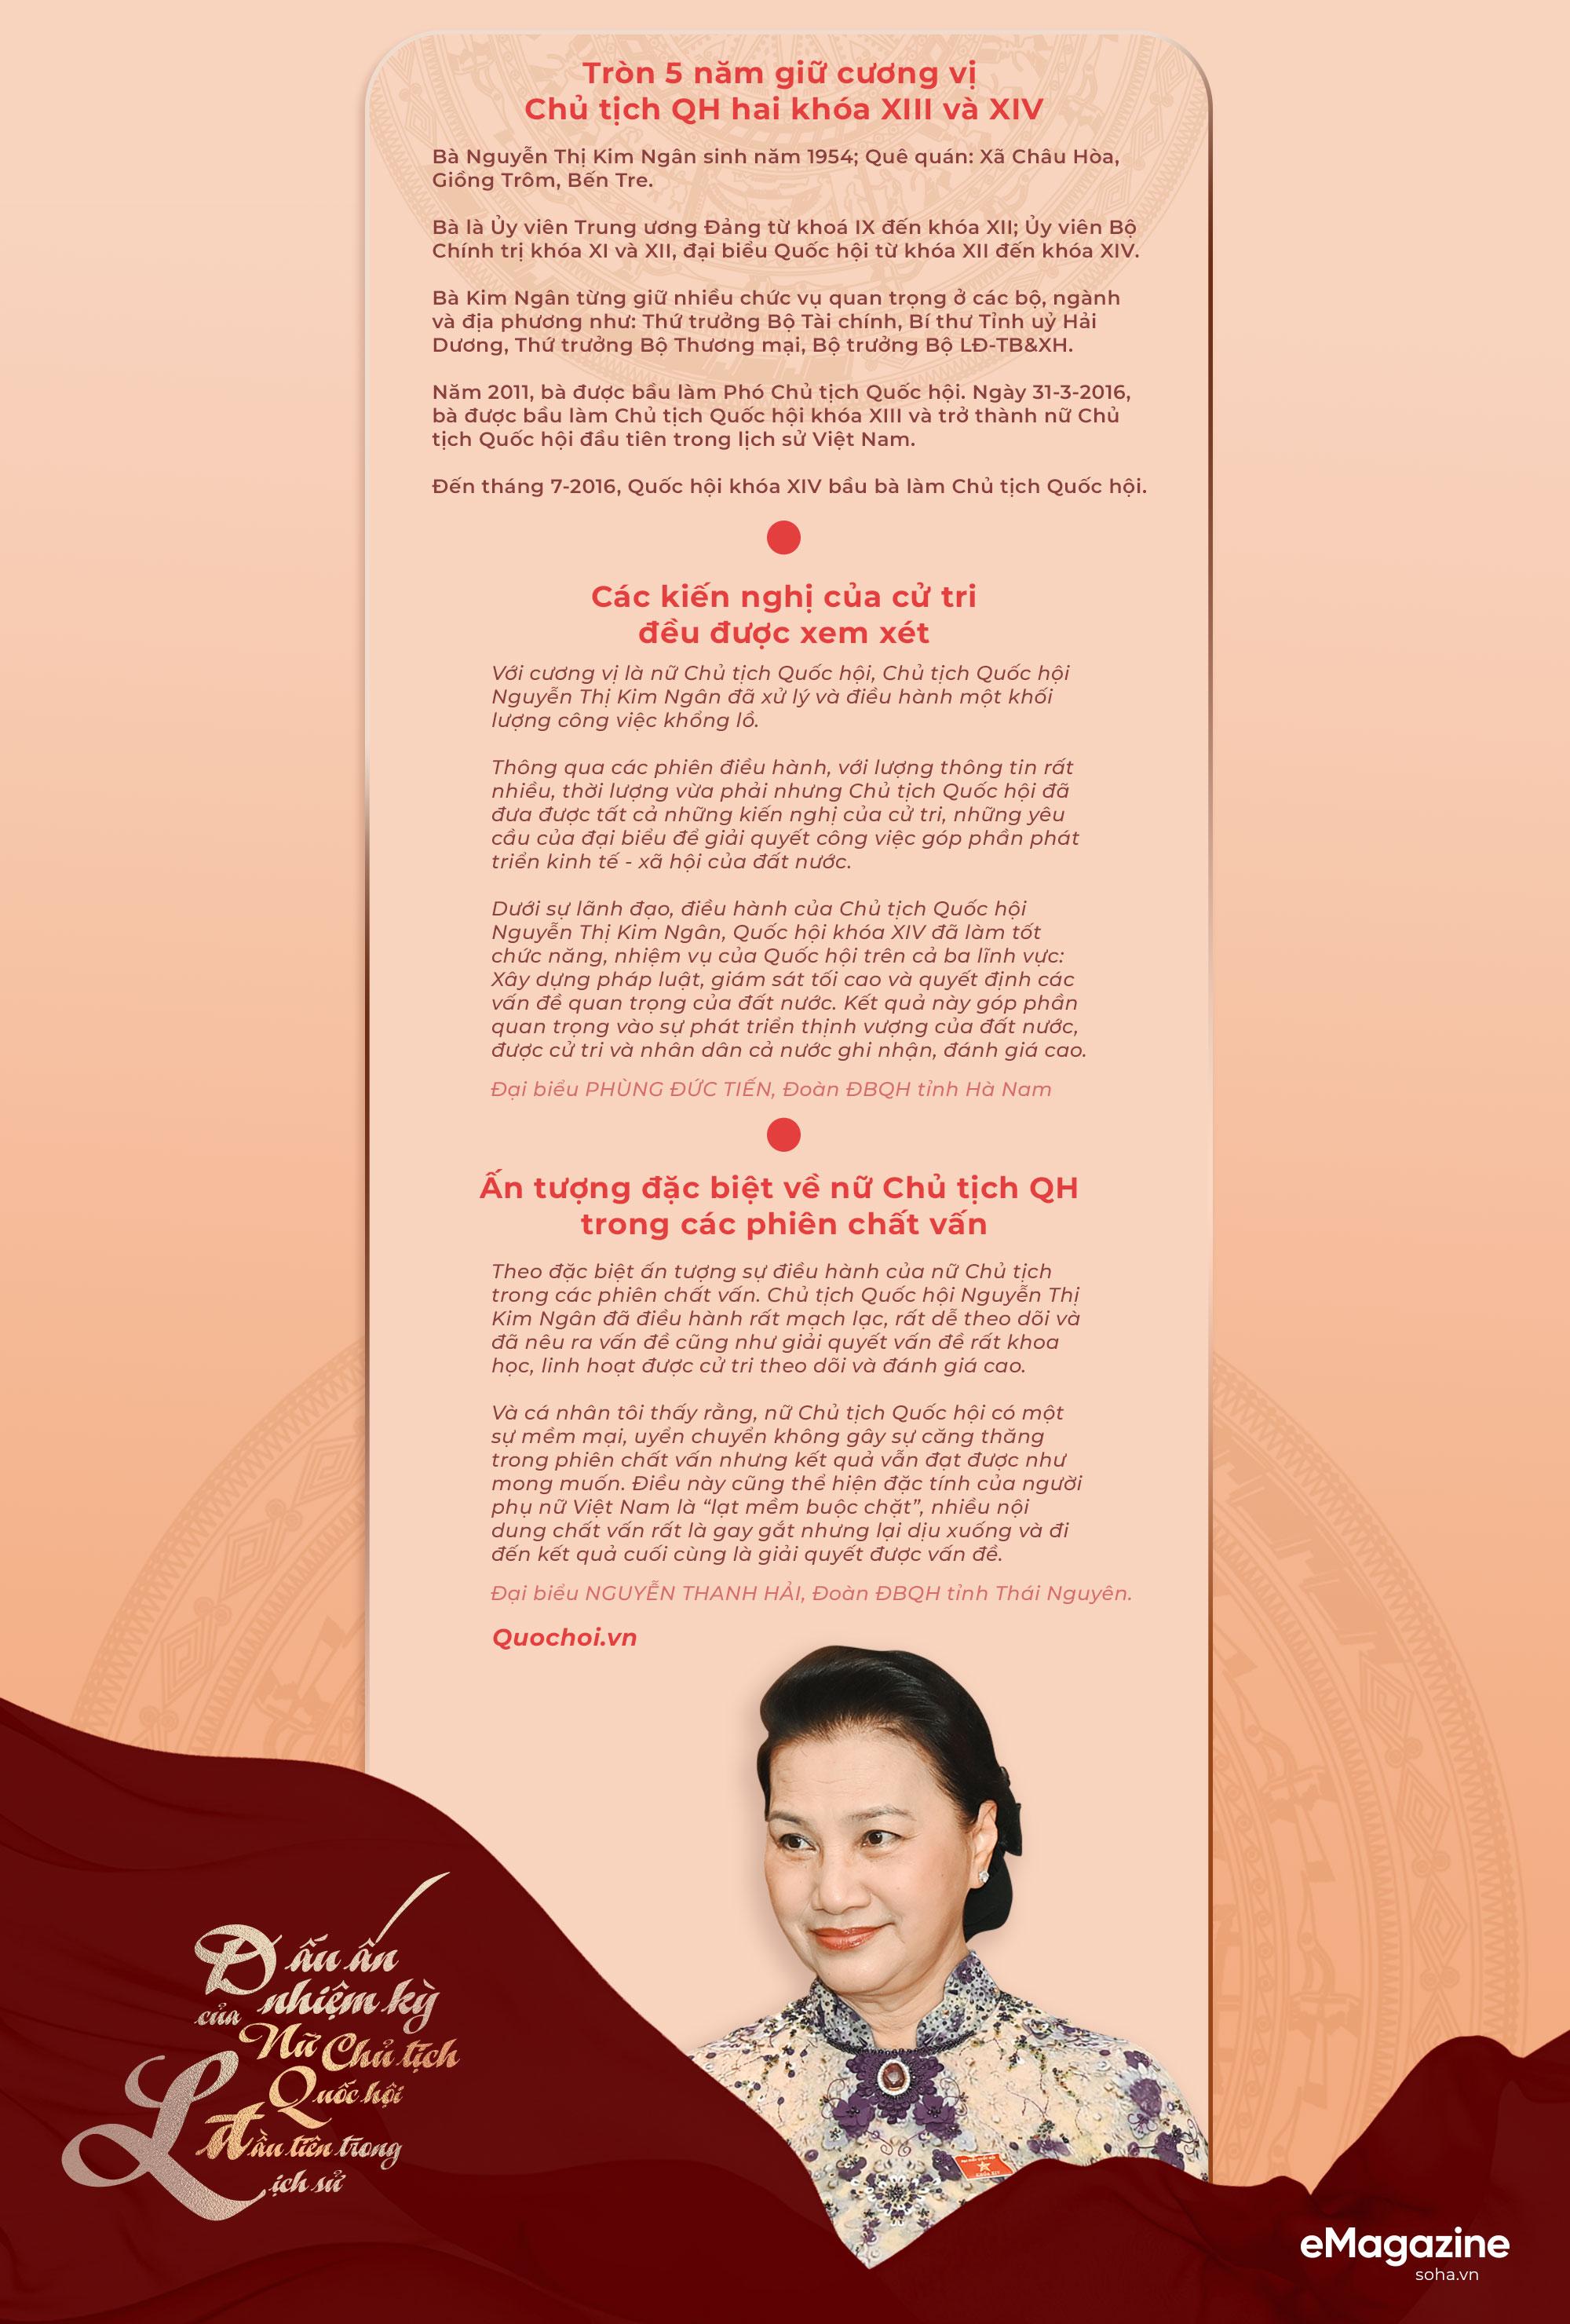 Dấu ấn nhiệm kỳ của nữ Chủ tịch Quốc hội đầu tiên trong lịch sử - Ảnh 11.